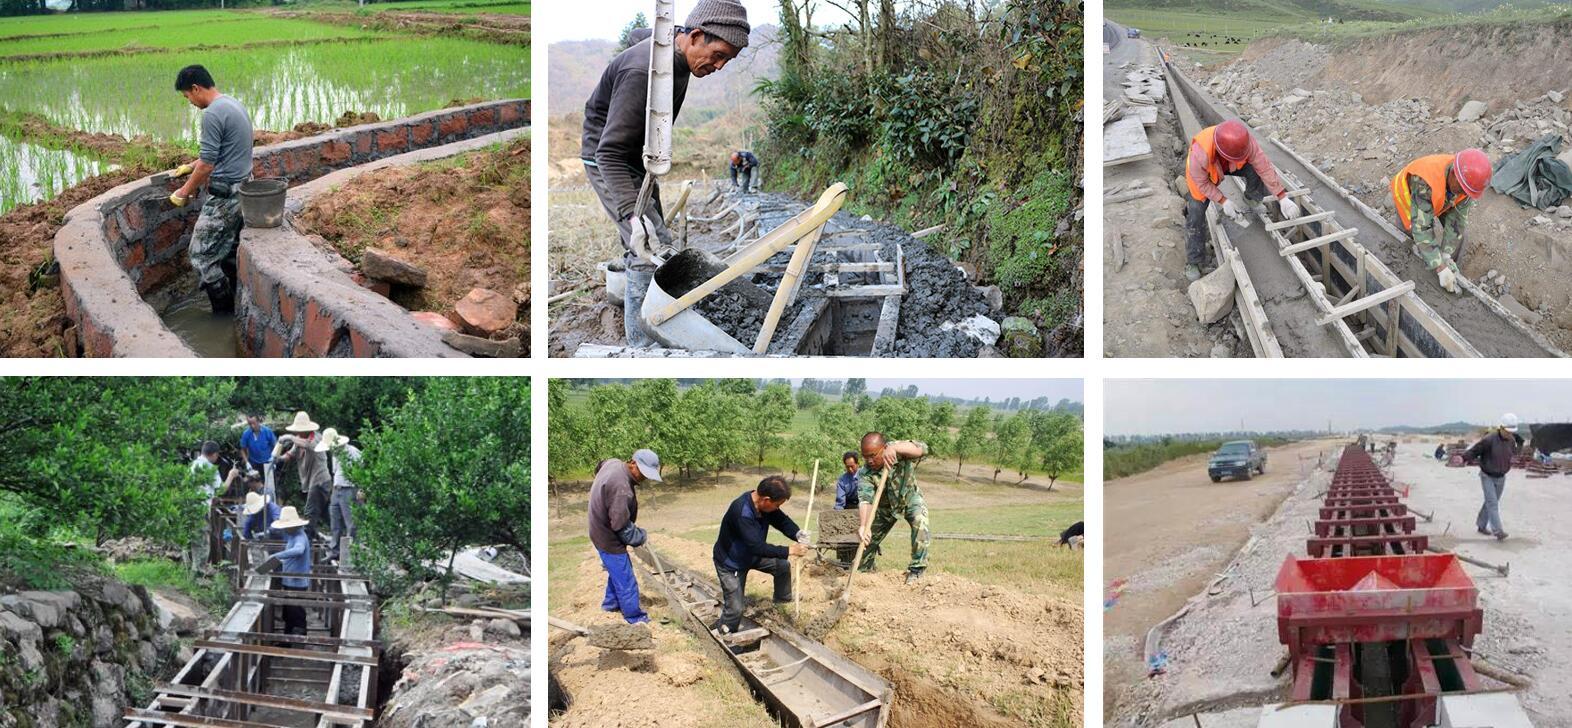 人工修水渠的现场图片